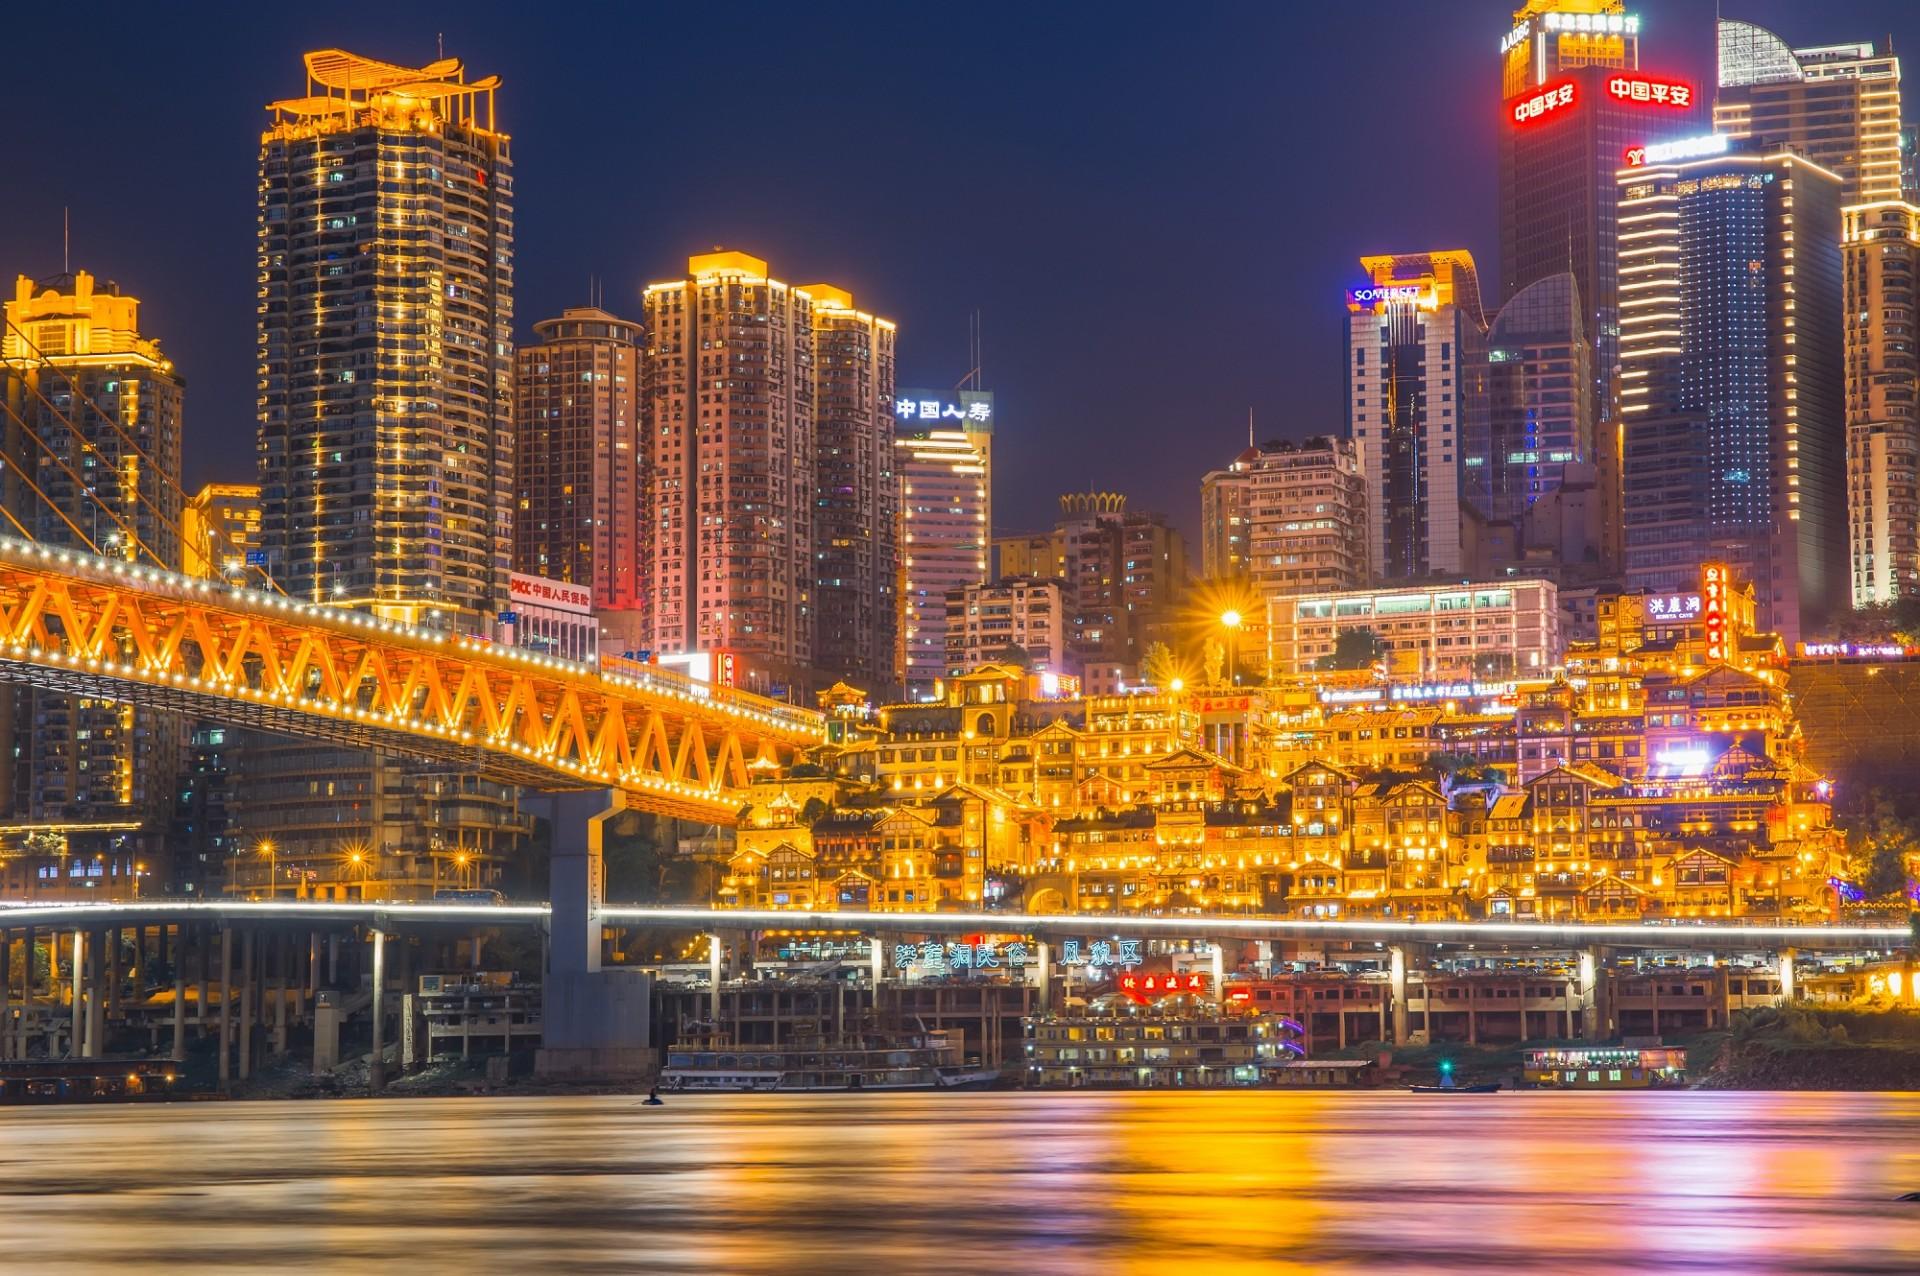 重庆2020年第三季度经济总量_重庆轻轨2020年规划图